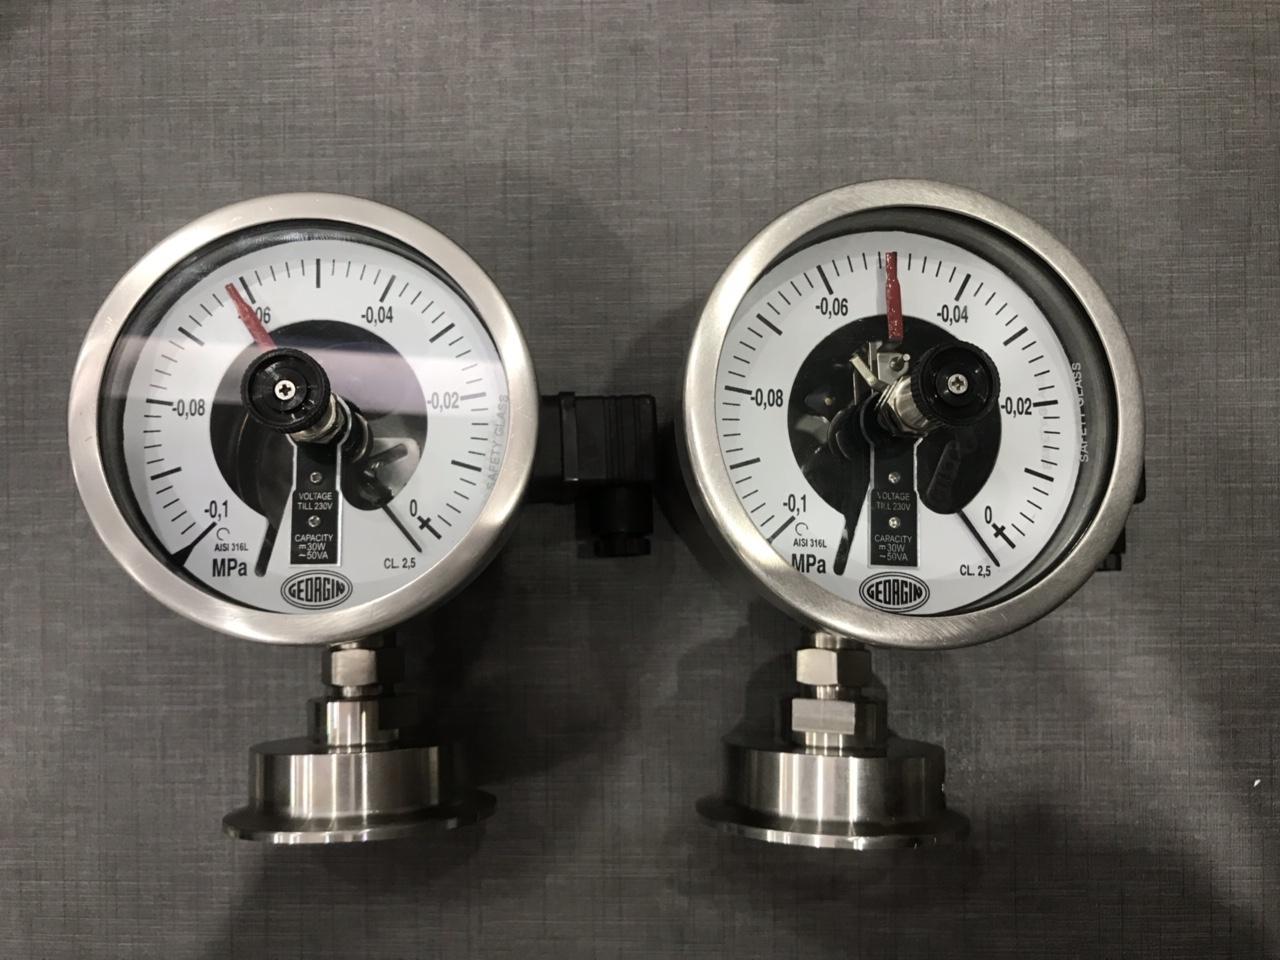 Đồng hồ đo áp suất màng có tiếp điểm sử dụng đơn vị Mpa